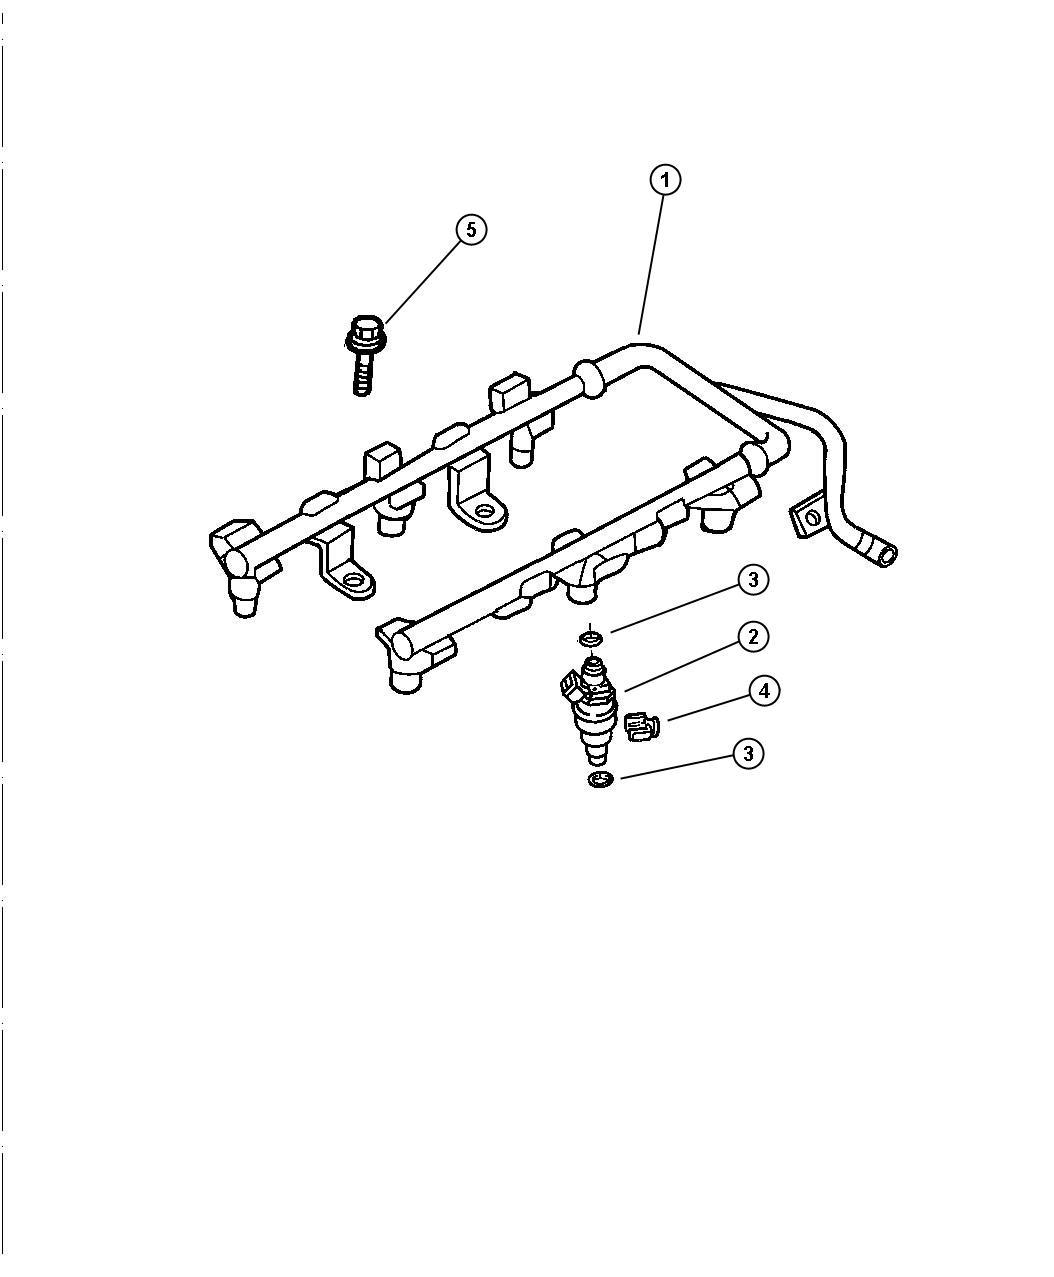 Chrysler Sebring Lx 2 7l V6 Dohc 24 Valve Mpi 4 Spd